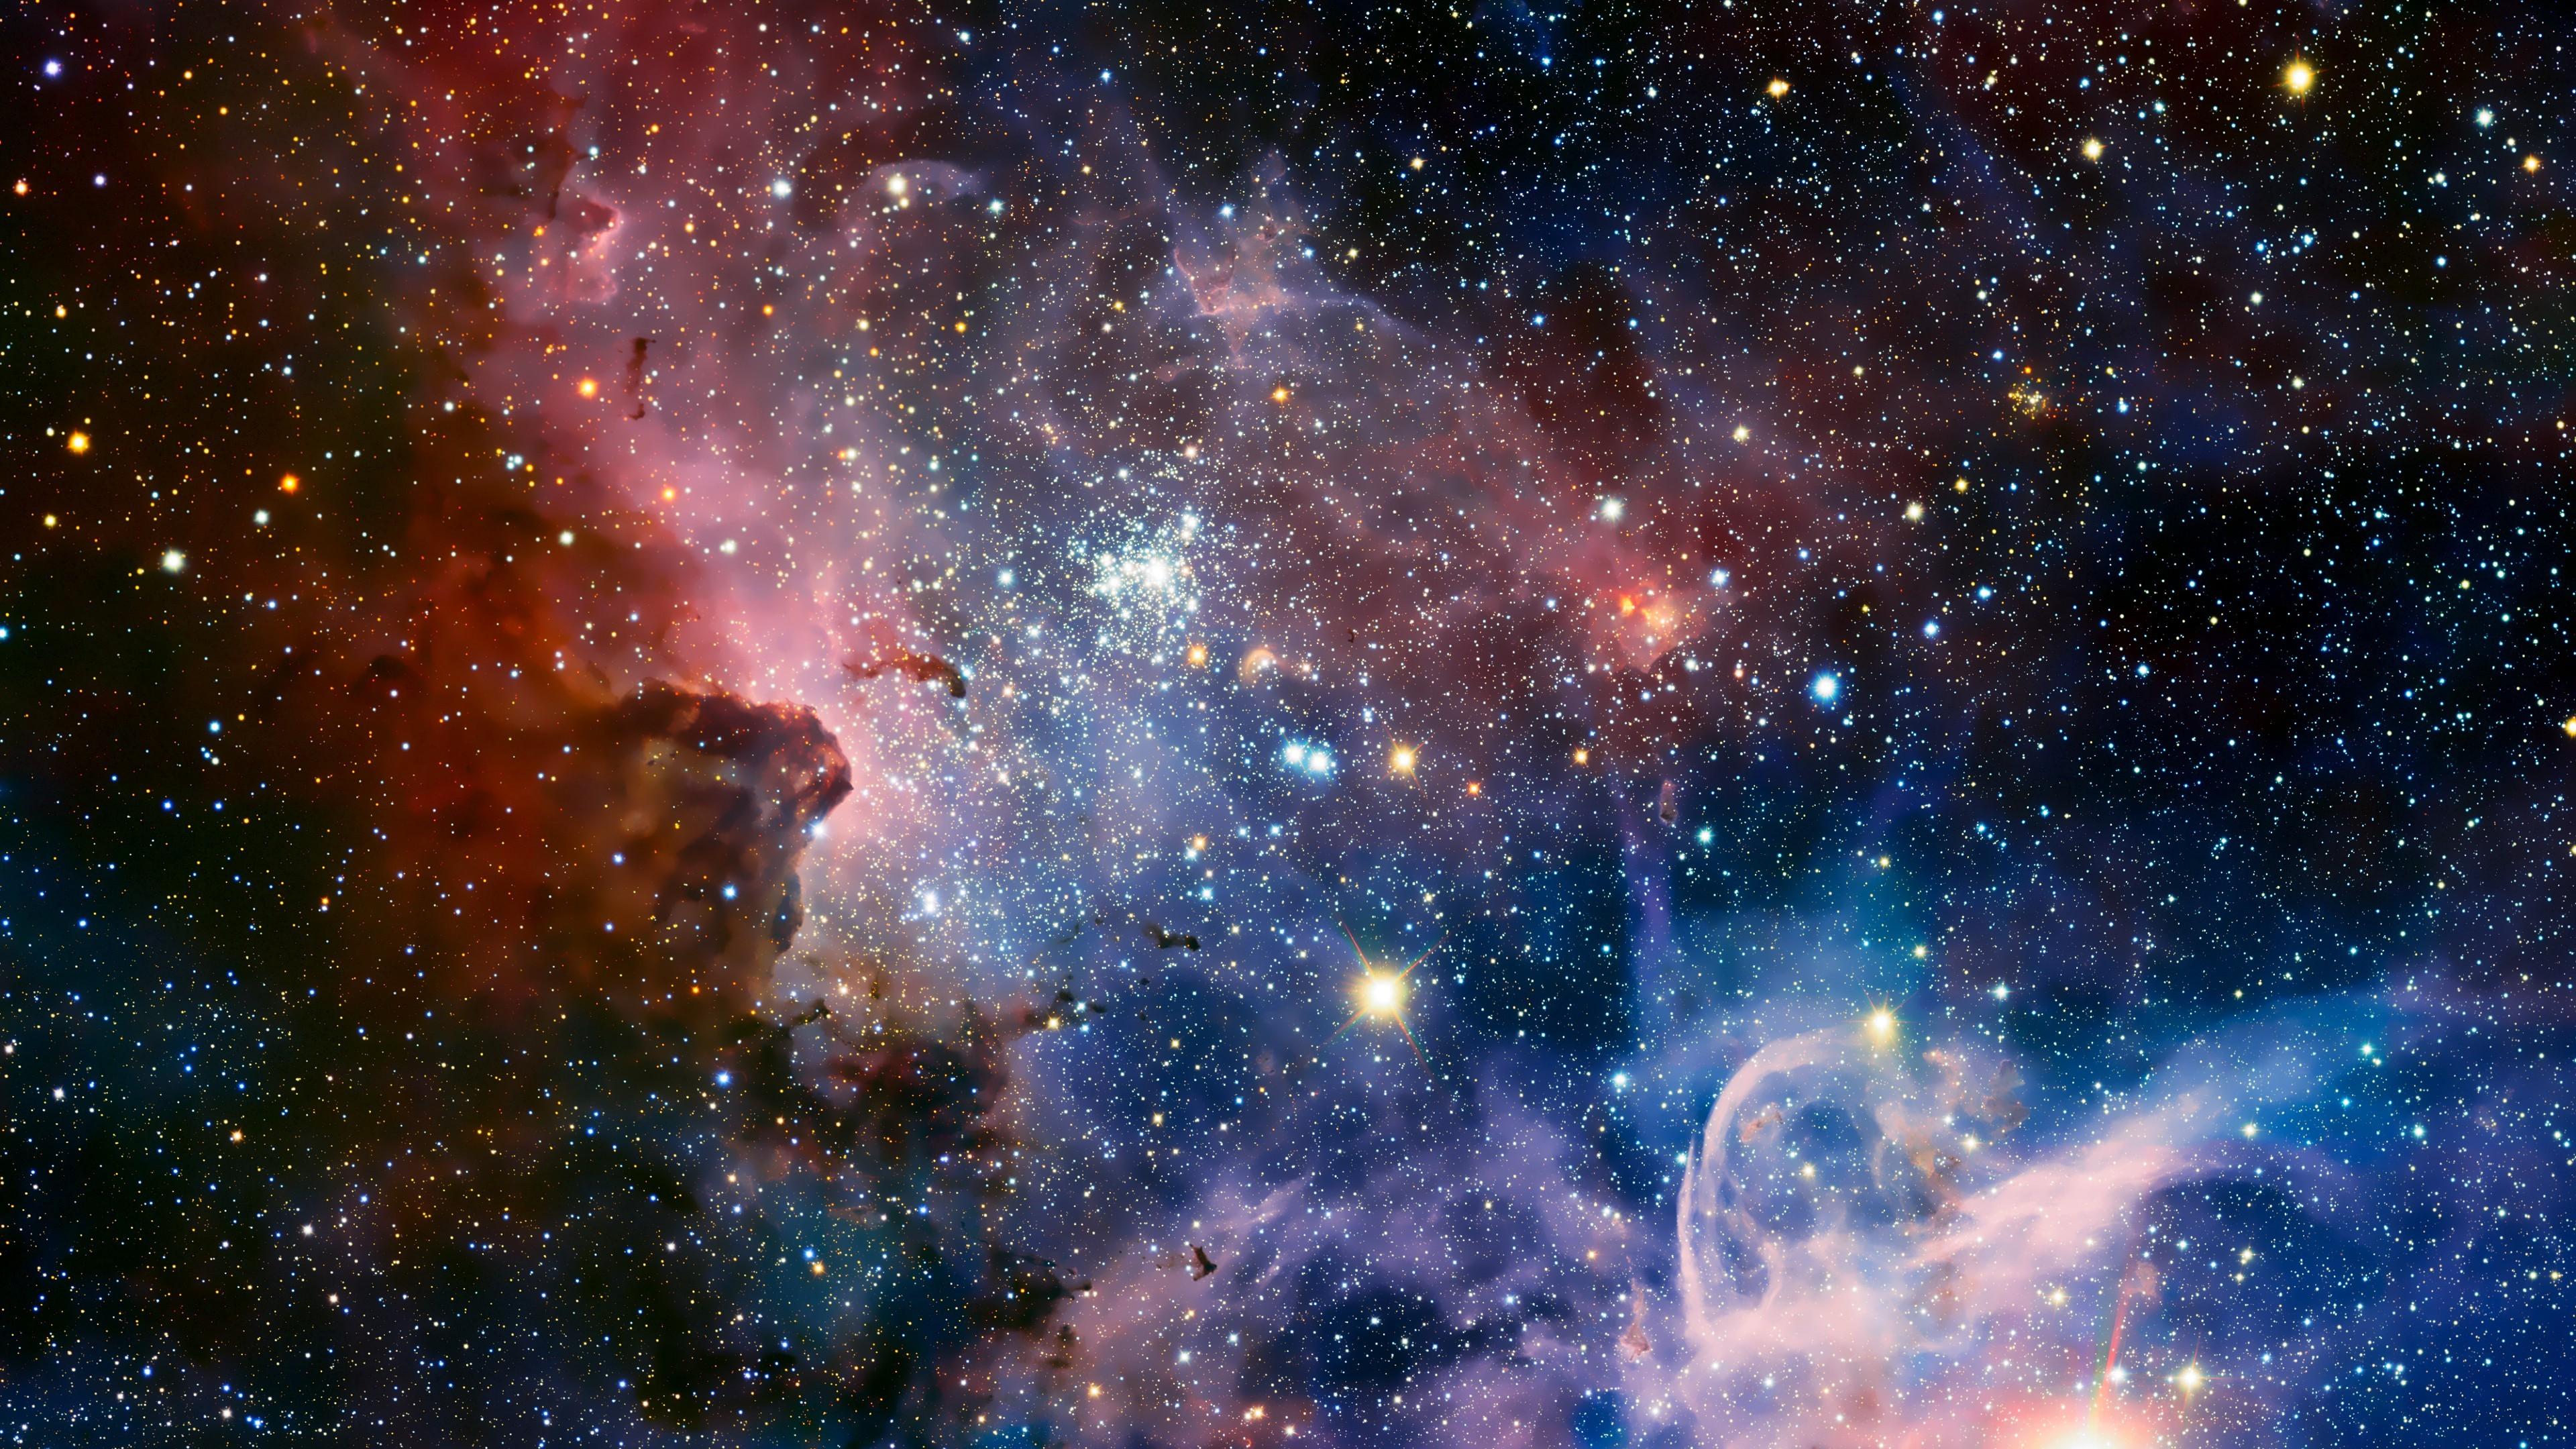 wallpaper : 3840x2160 px, carina nebula, nebula, space, stars